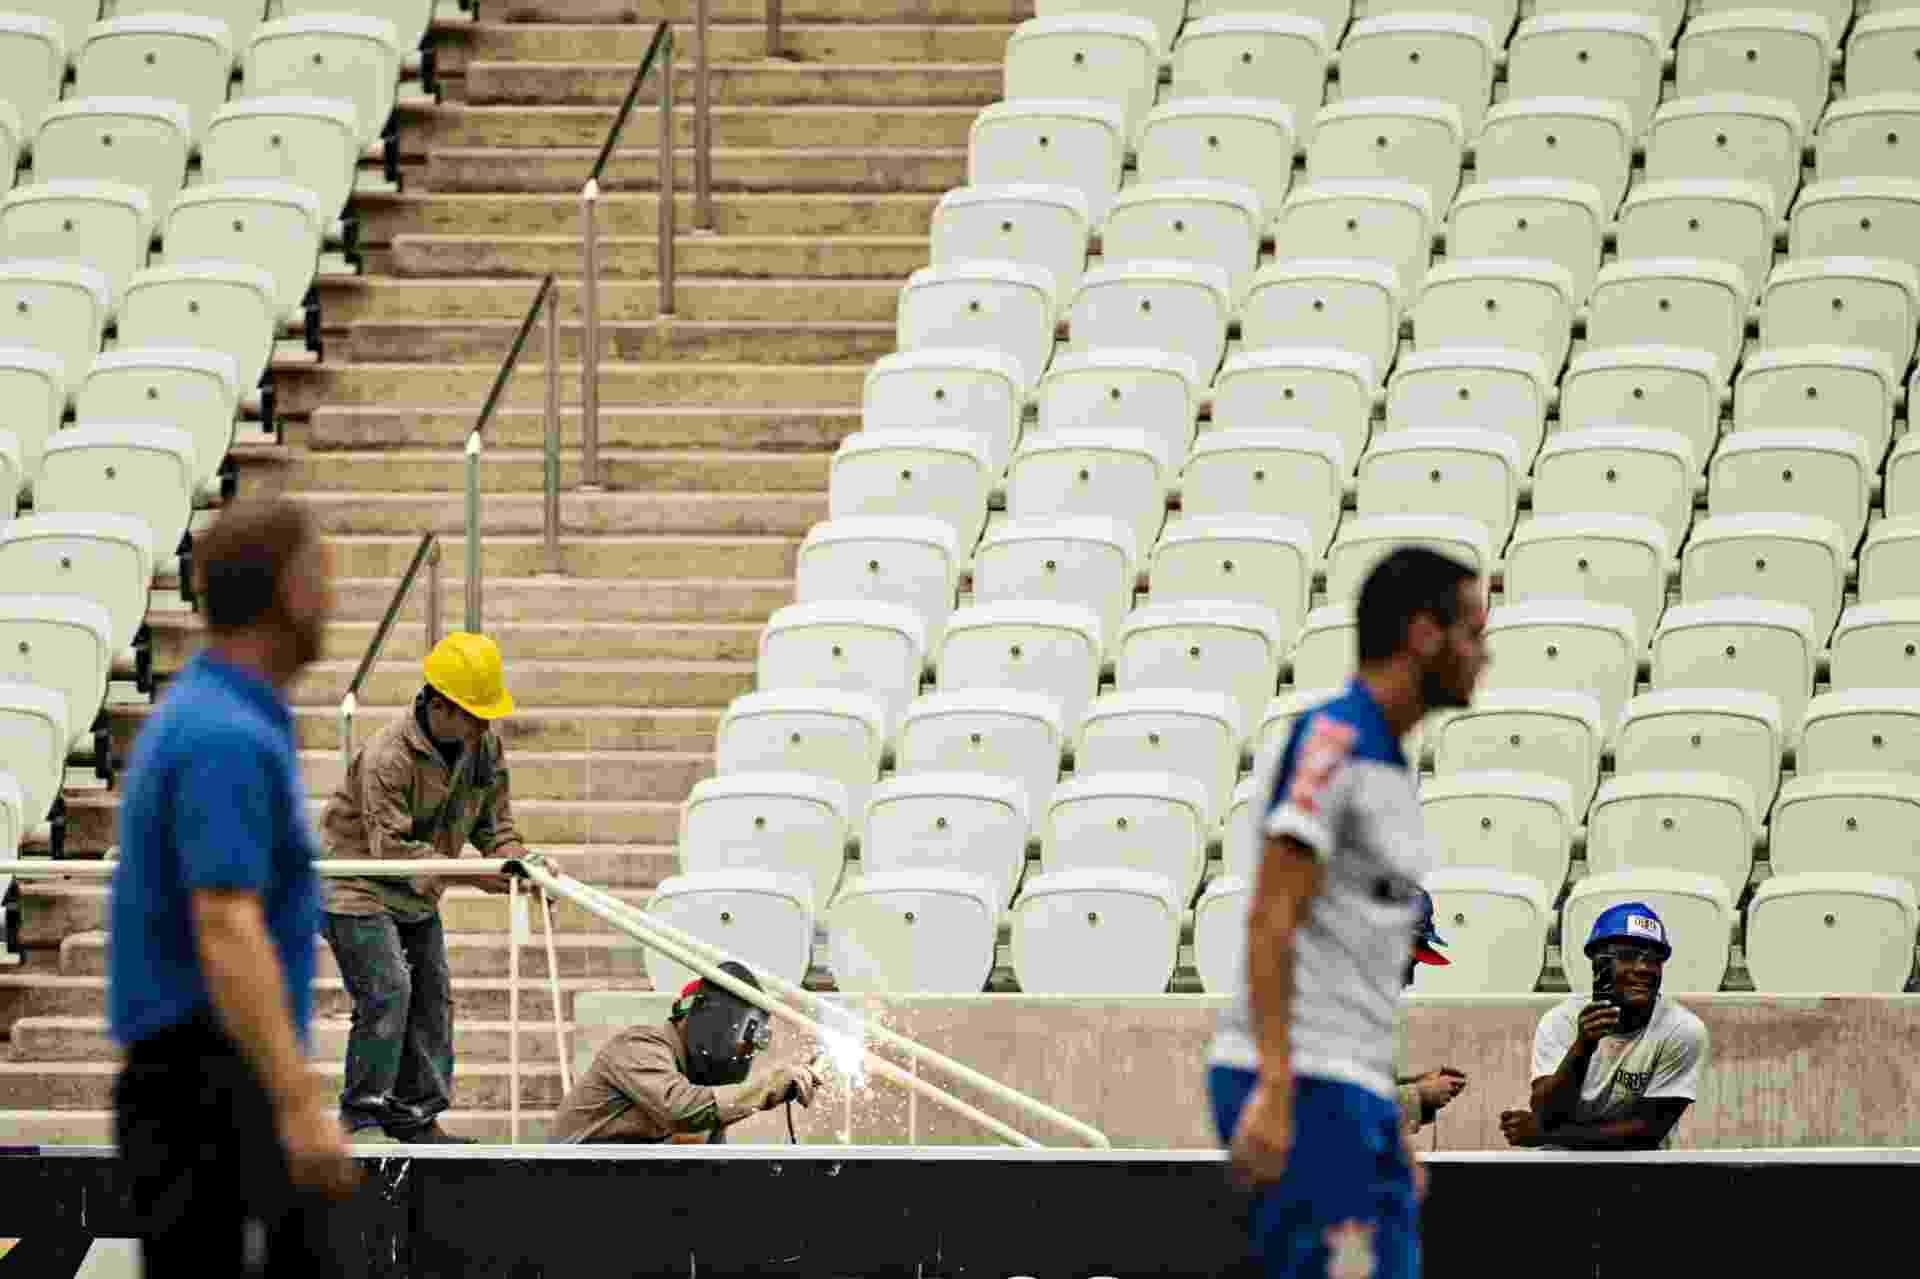 Jogadores do Corinthians realizaram treinamento, nesta sexta-feira, no Itaquerão; estádio terá sua primeira partida oficial no próximo domingo - Eduardo Knapp/Folhapress